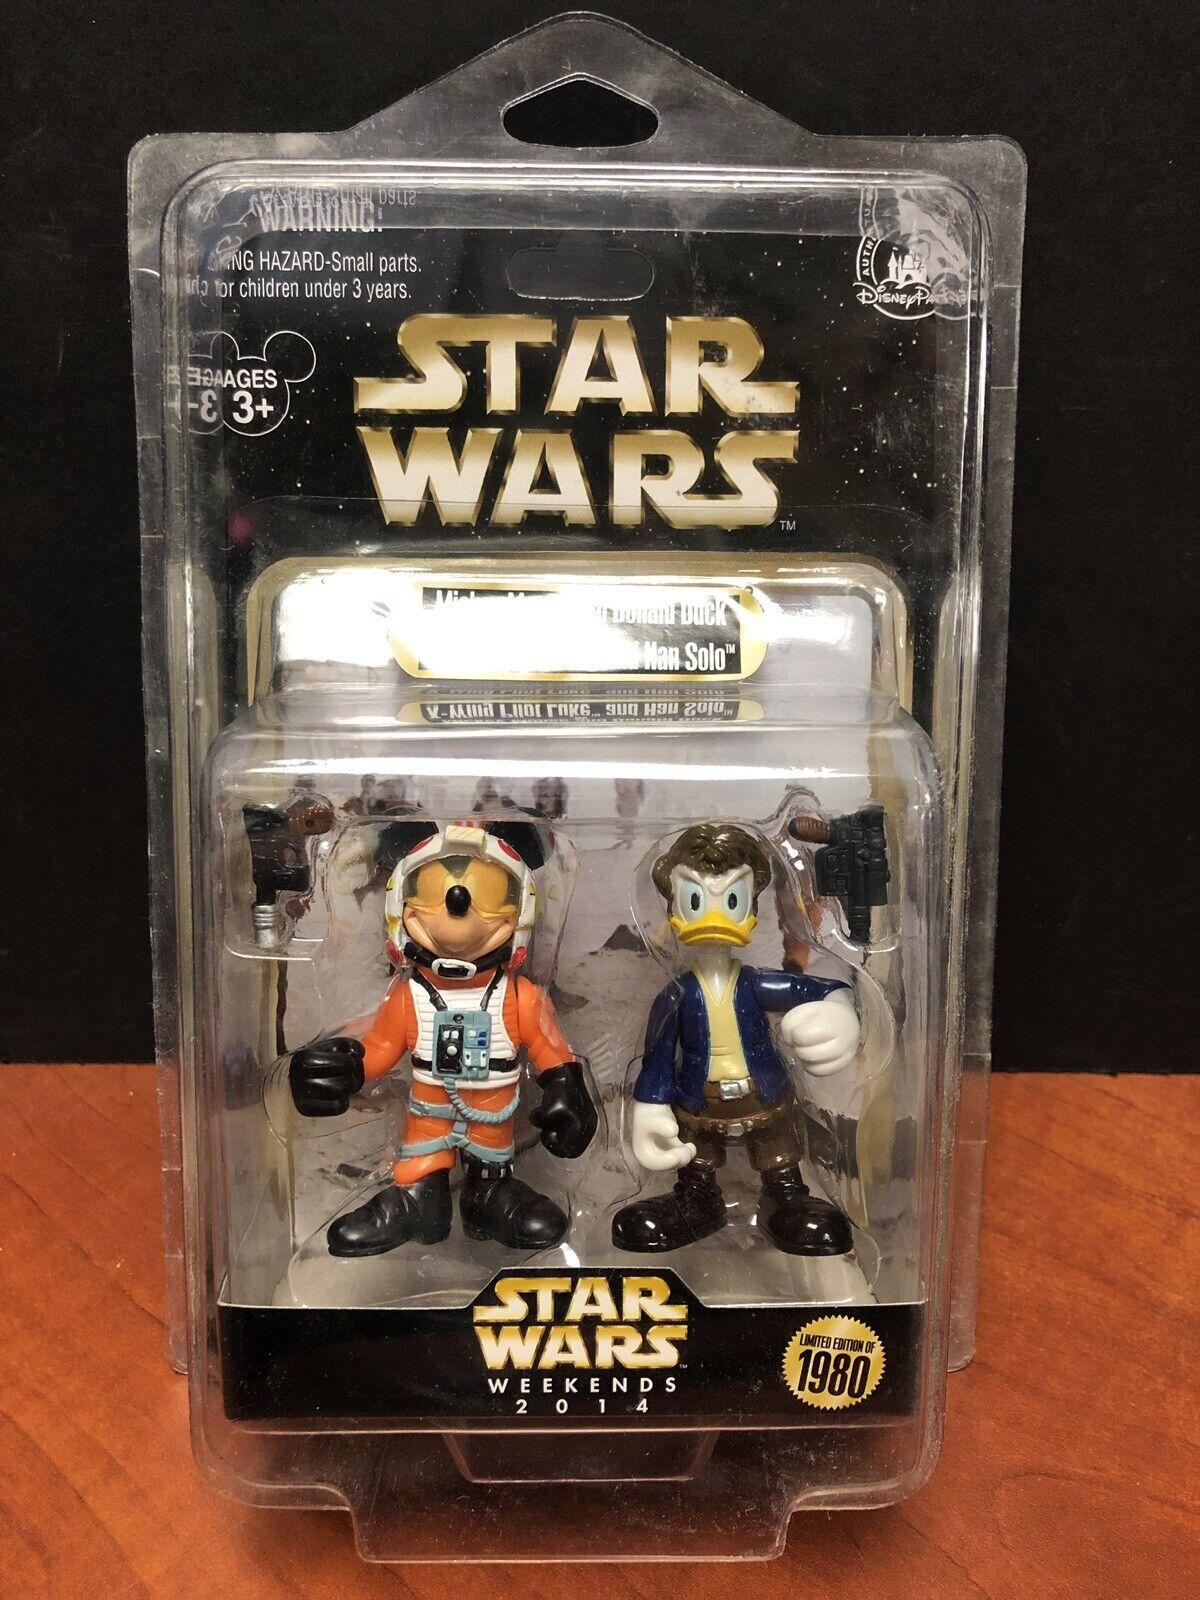 Star Wars 2014 Mickey Donald los fines de semana como Luke & Han Solo 0919 de 1980 EM2353